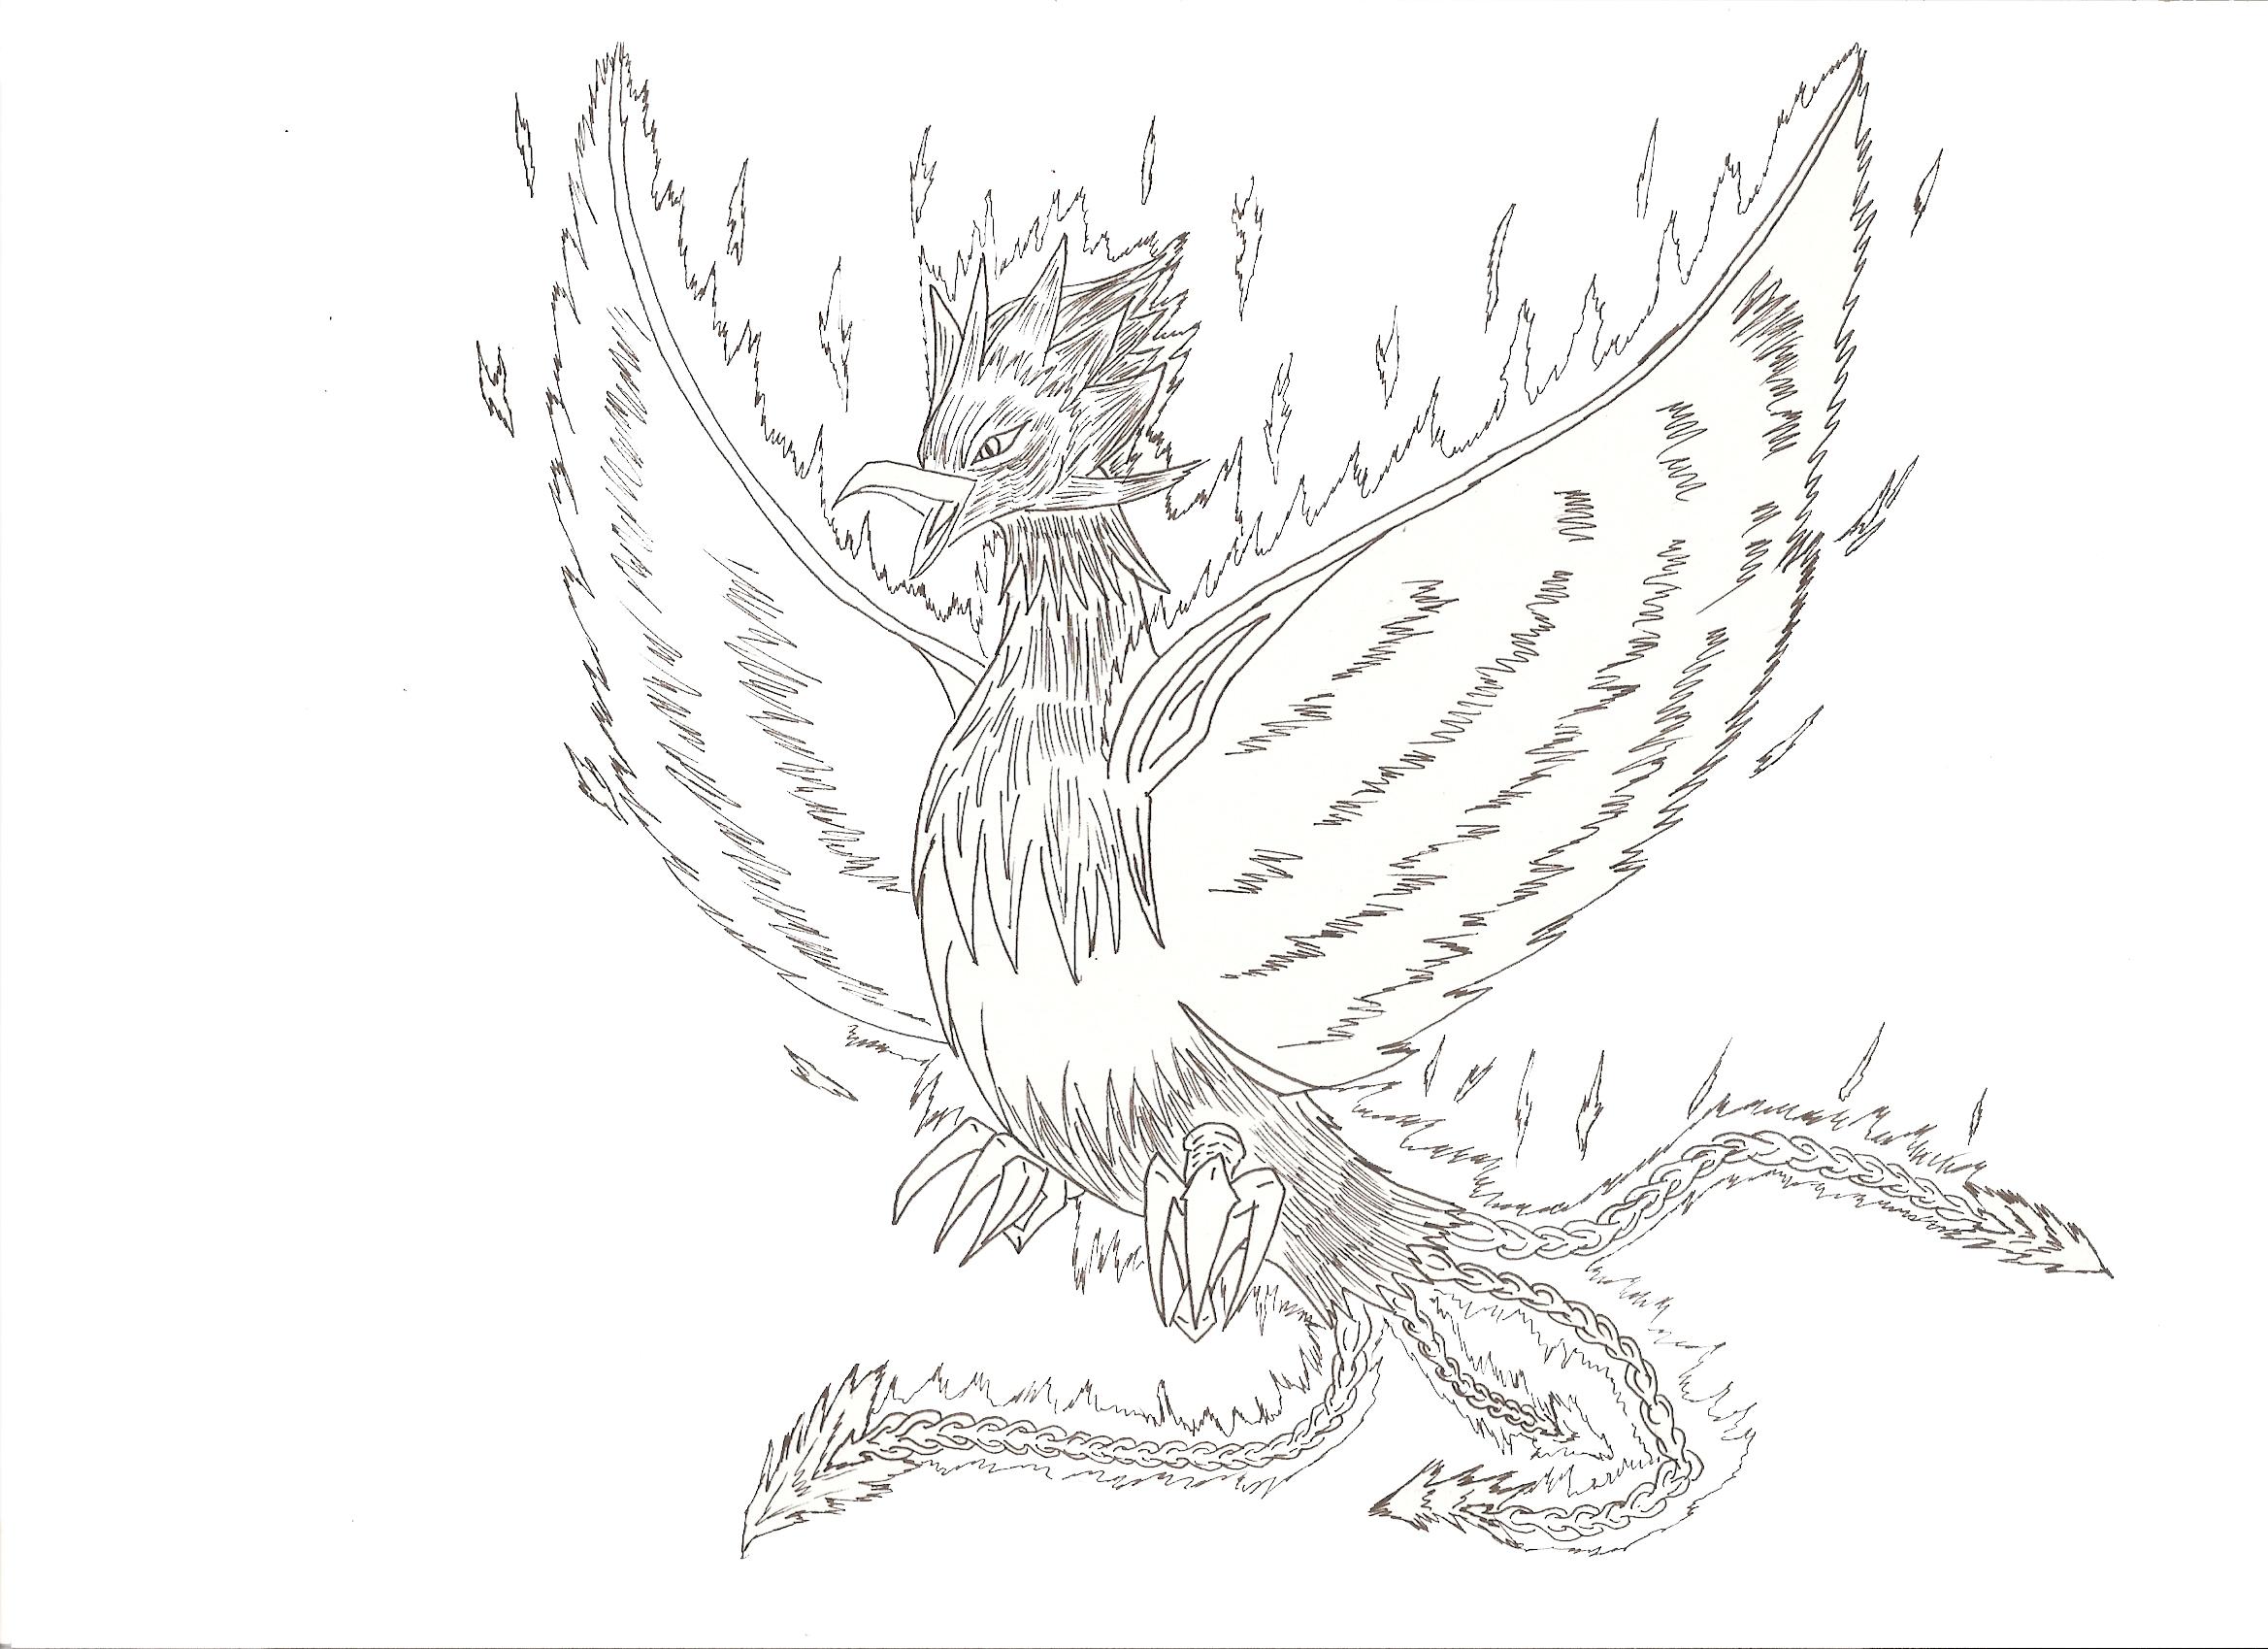 dessin manga oiseau